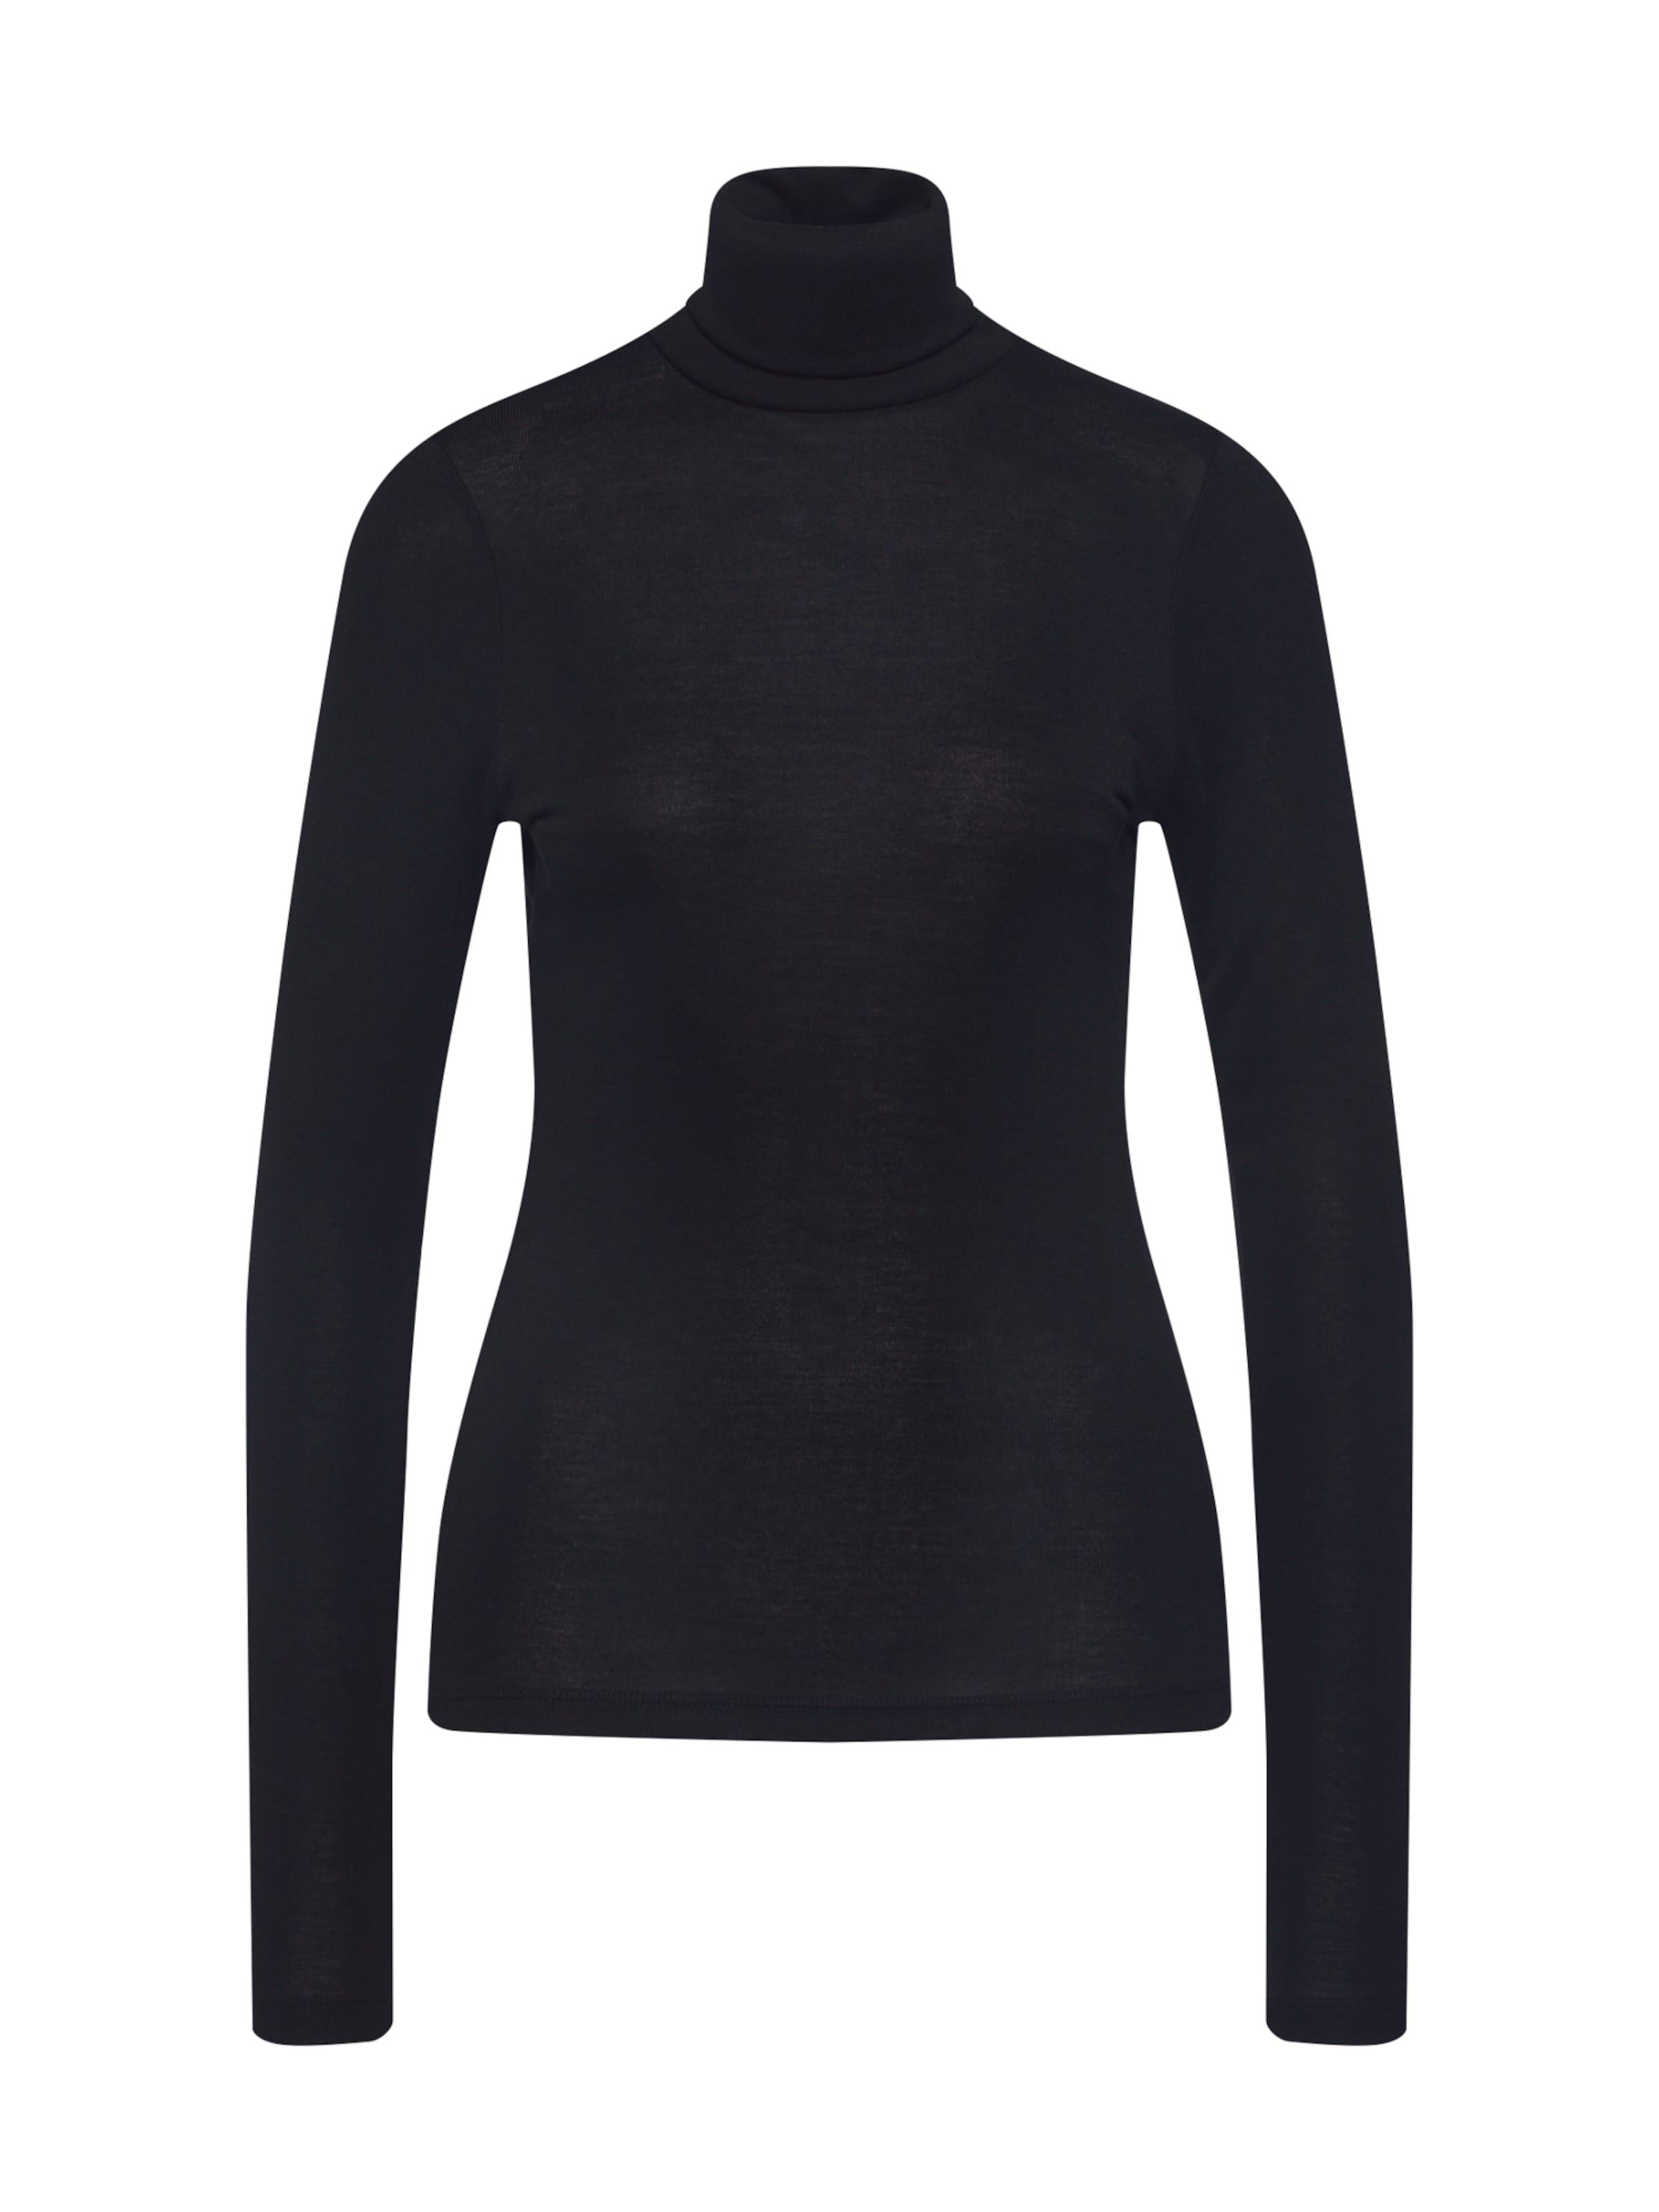 'ina' shirt T Noir En Mbym CdeoxB